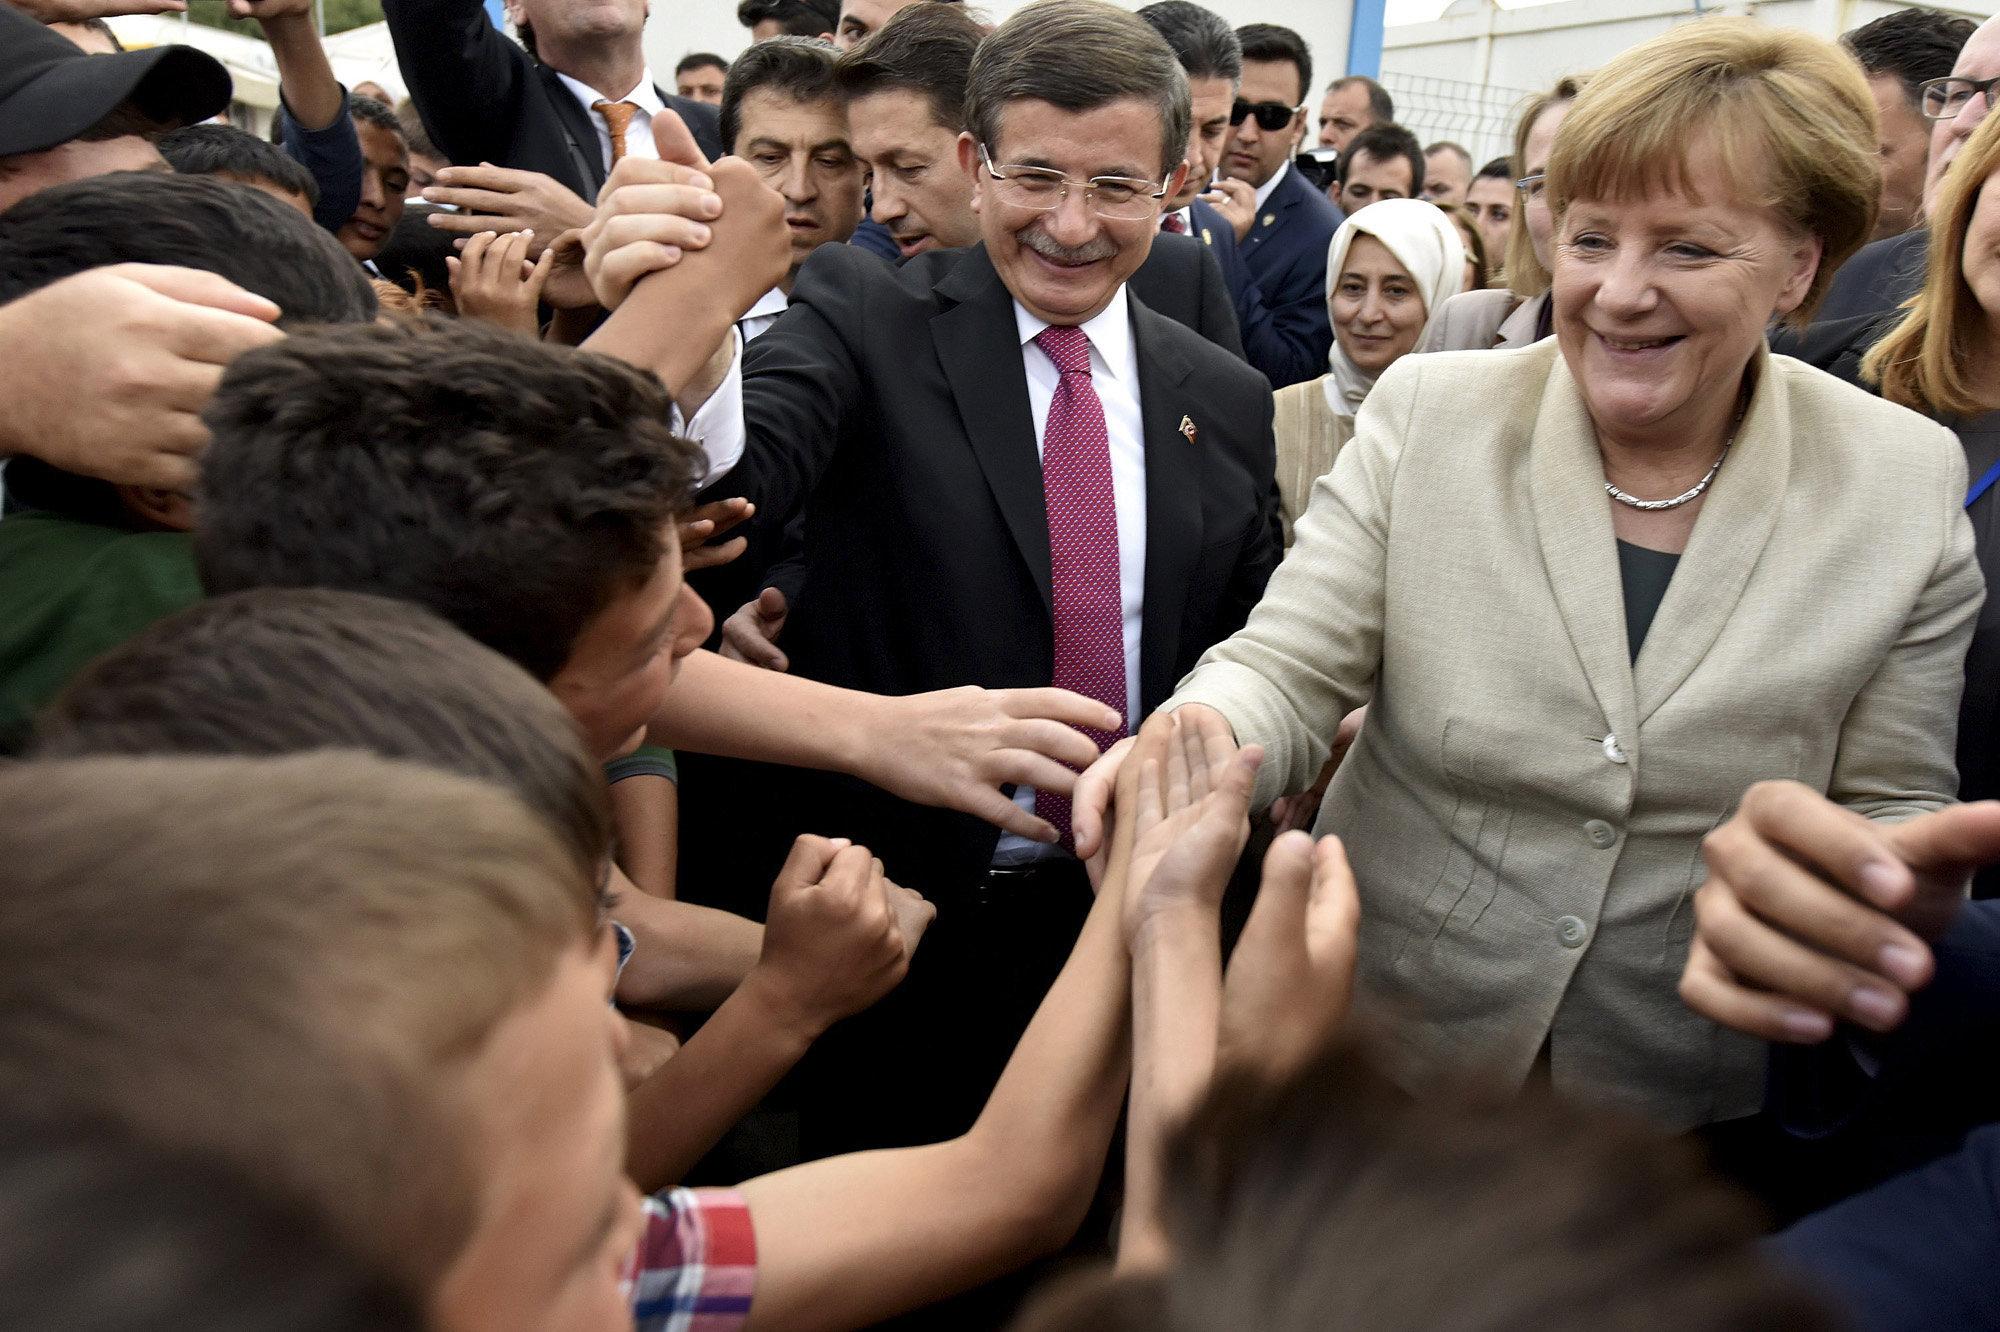 Бои продолжаются, Меркель прибывает наблюдать!